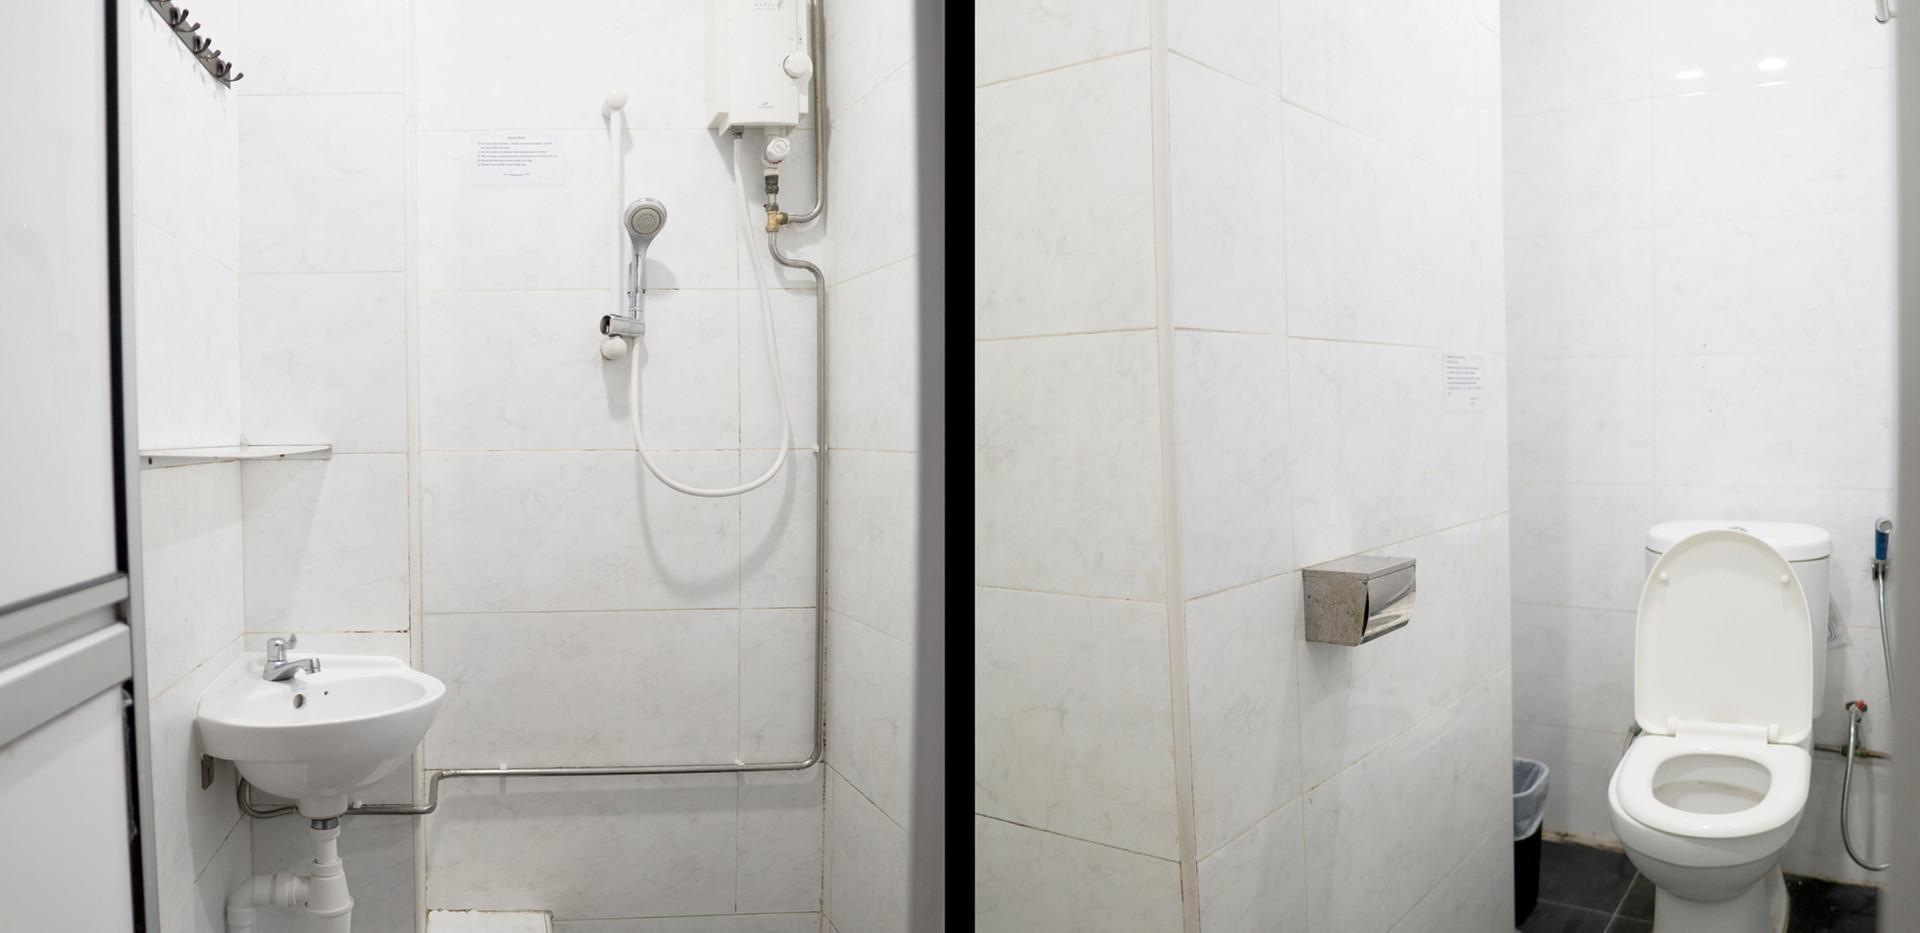 Ensuite Toilet_9877.jpg